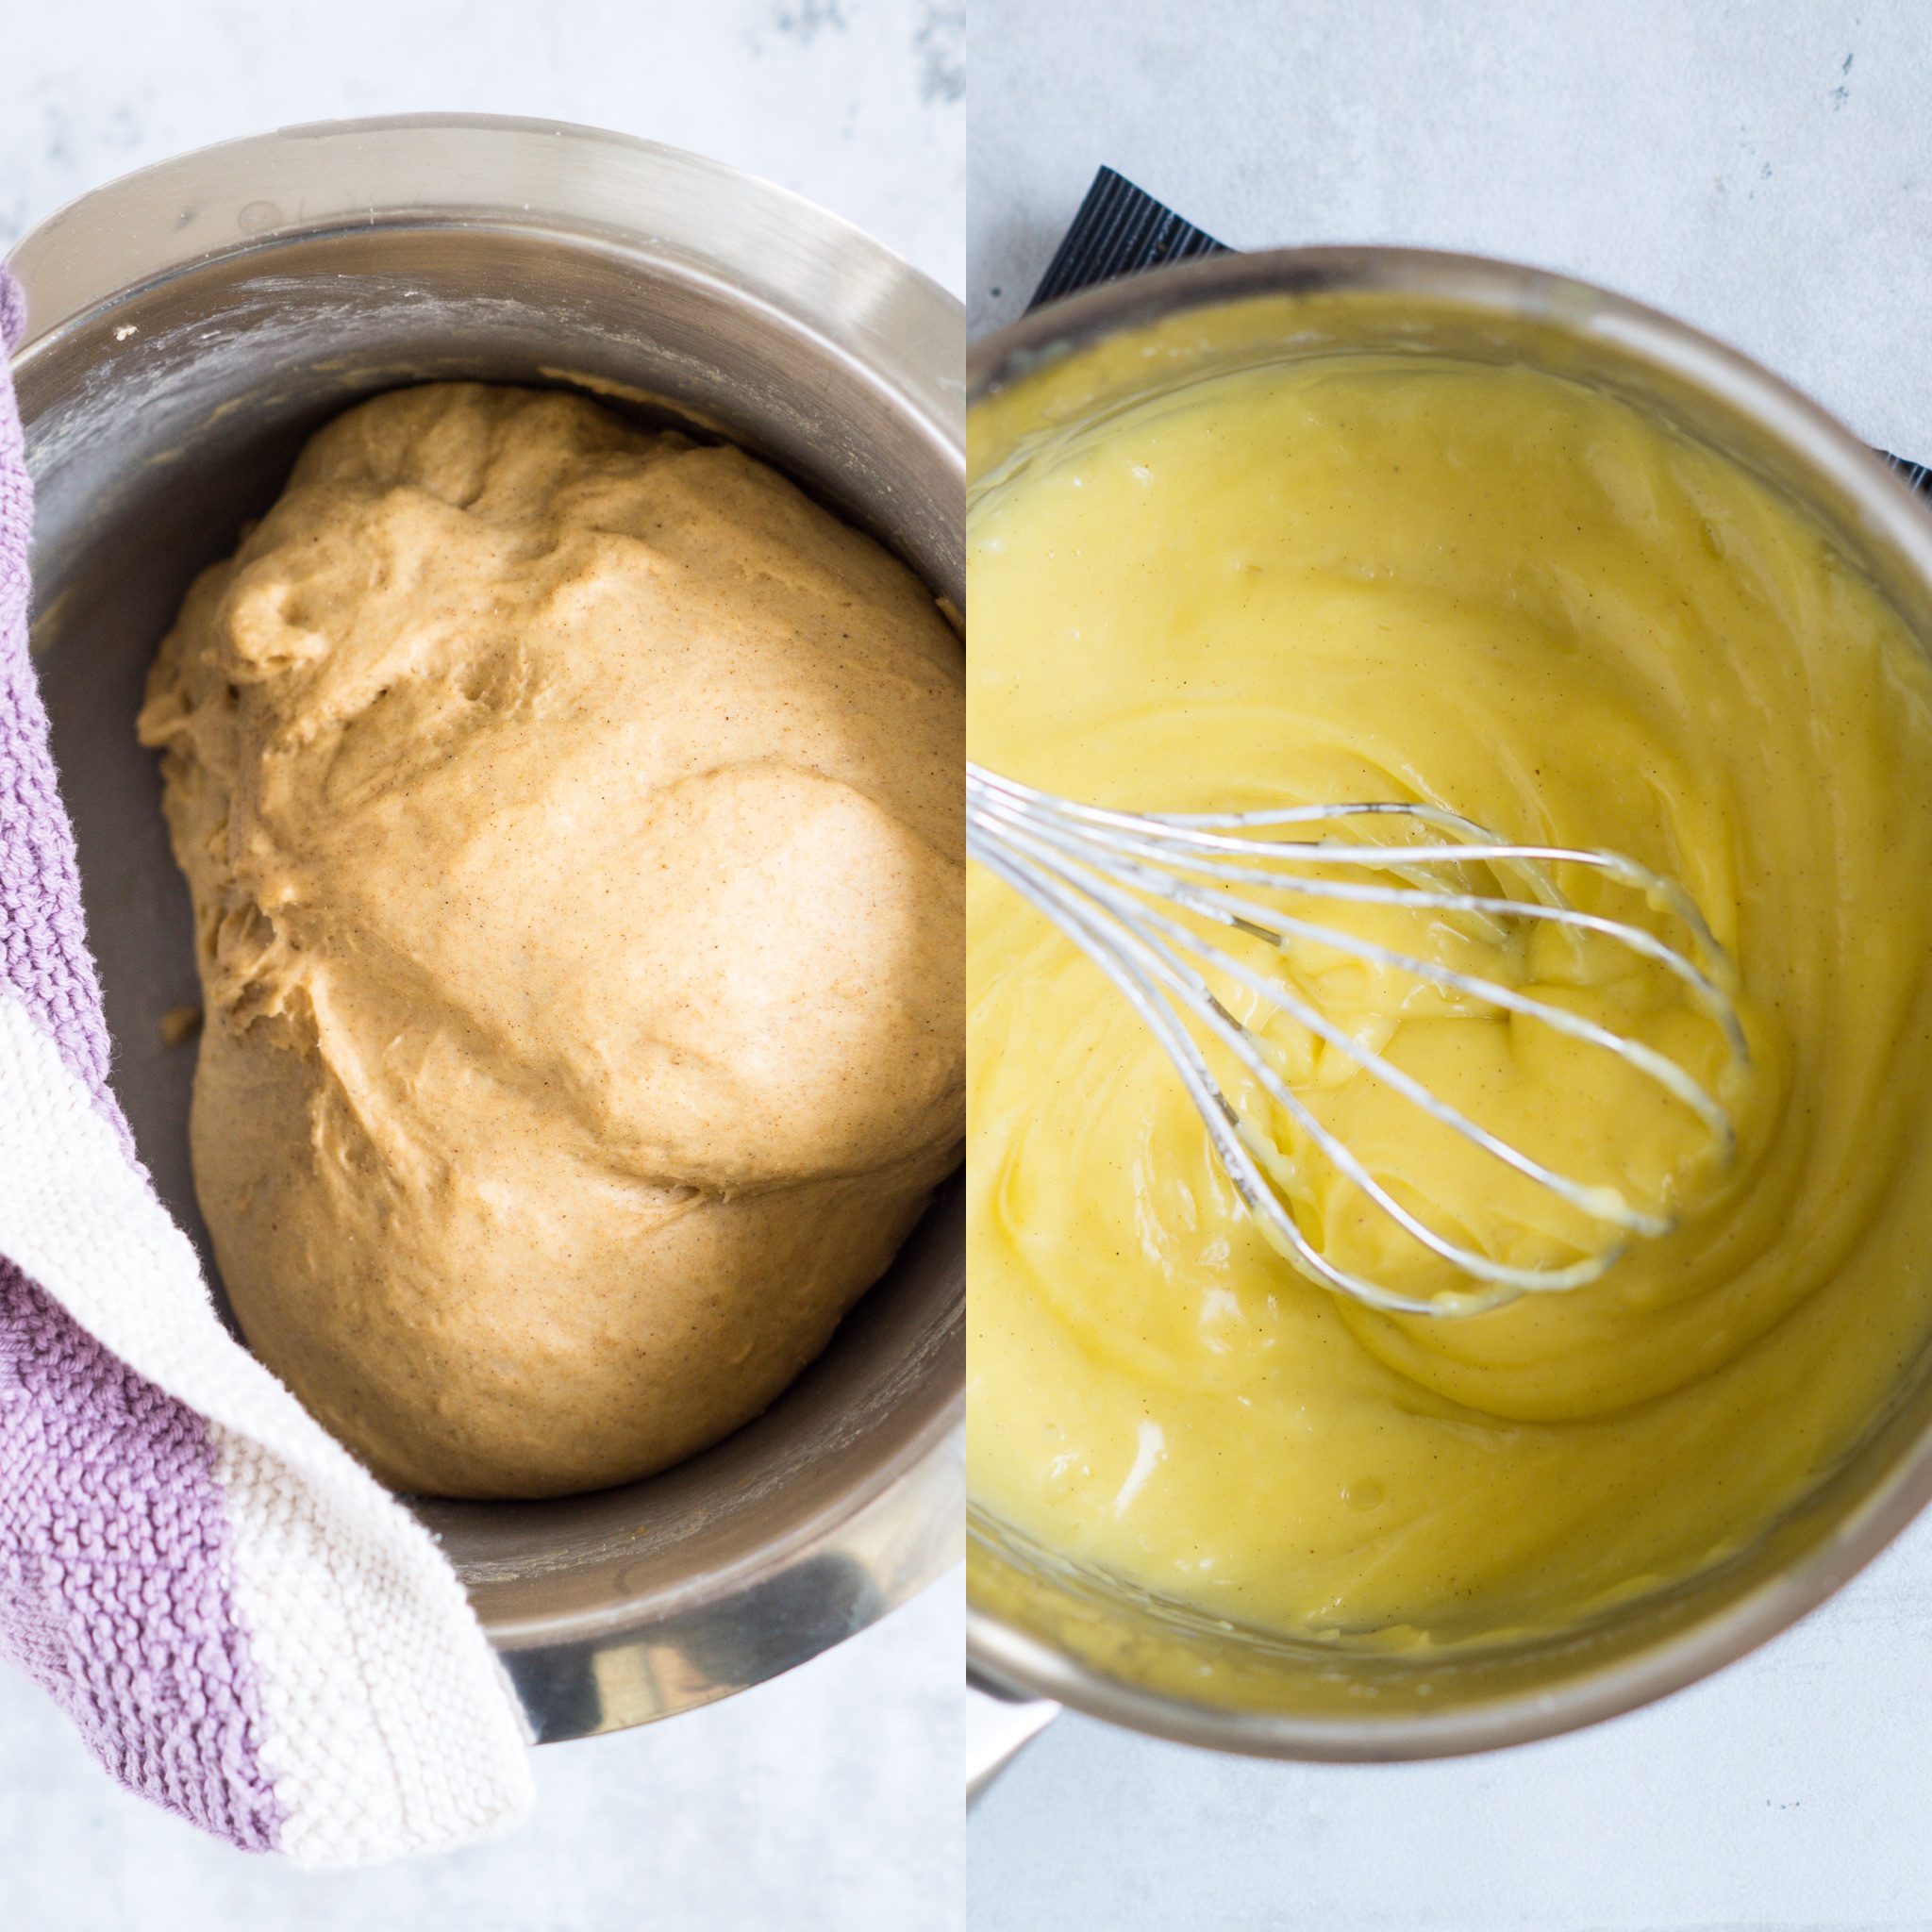 Sundere fastelavnsboller med remonce, creme og chokolade